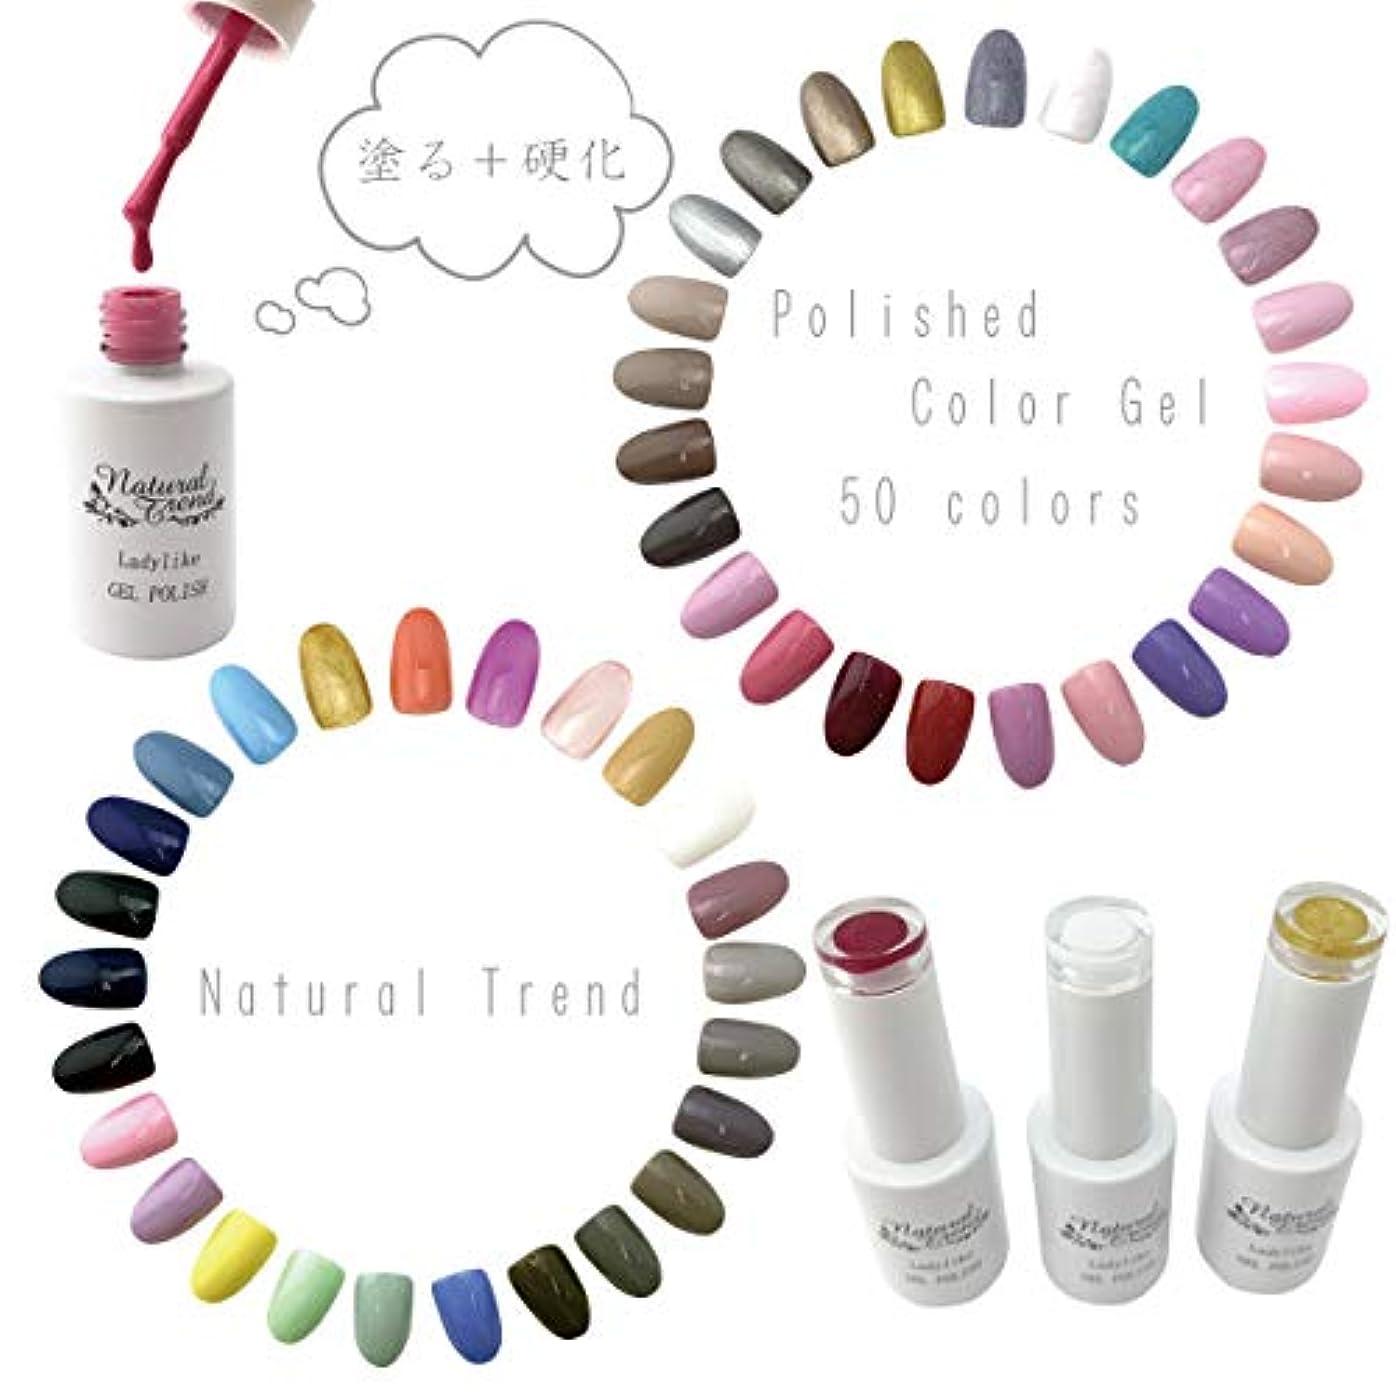 連鎖悪魔意志に反するNaturalTrend ジェルネイル カラー 50色 8ml UV?LED ポリッシュタイプ カラージェル (02, pinkred)